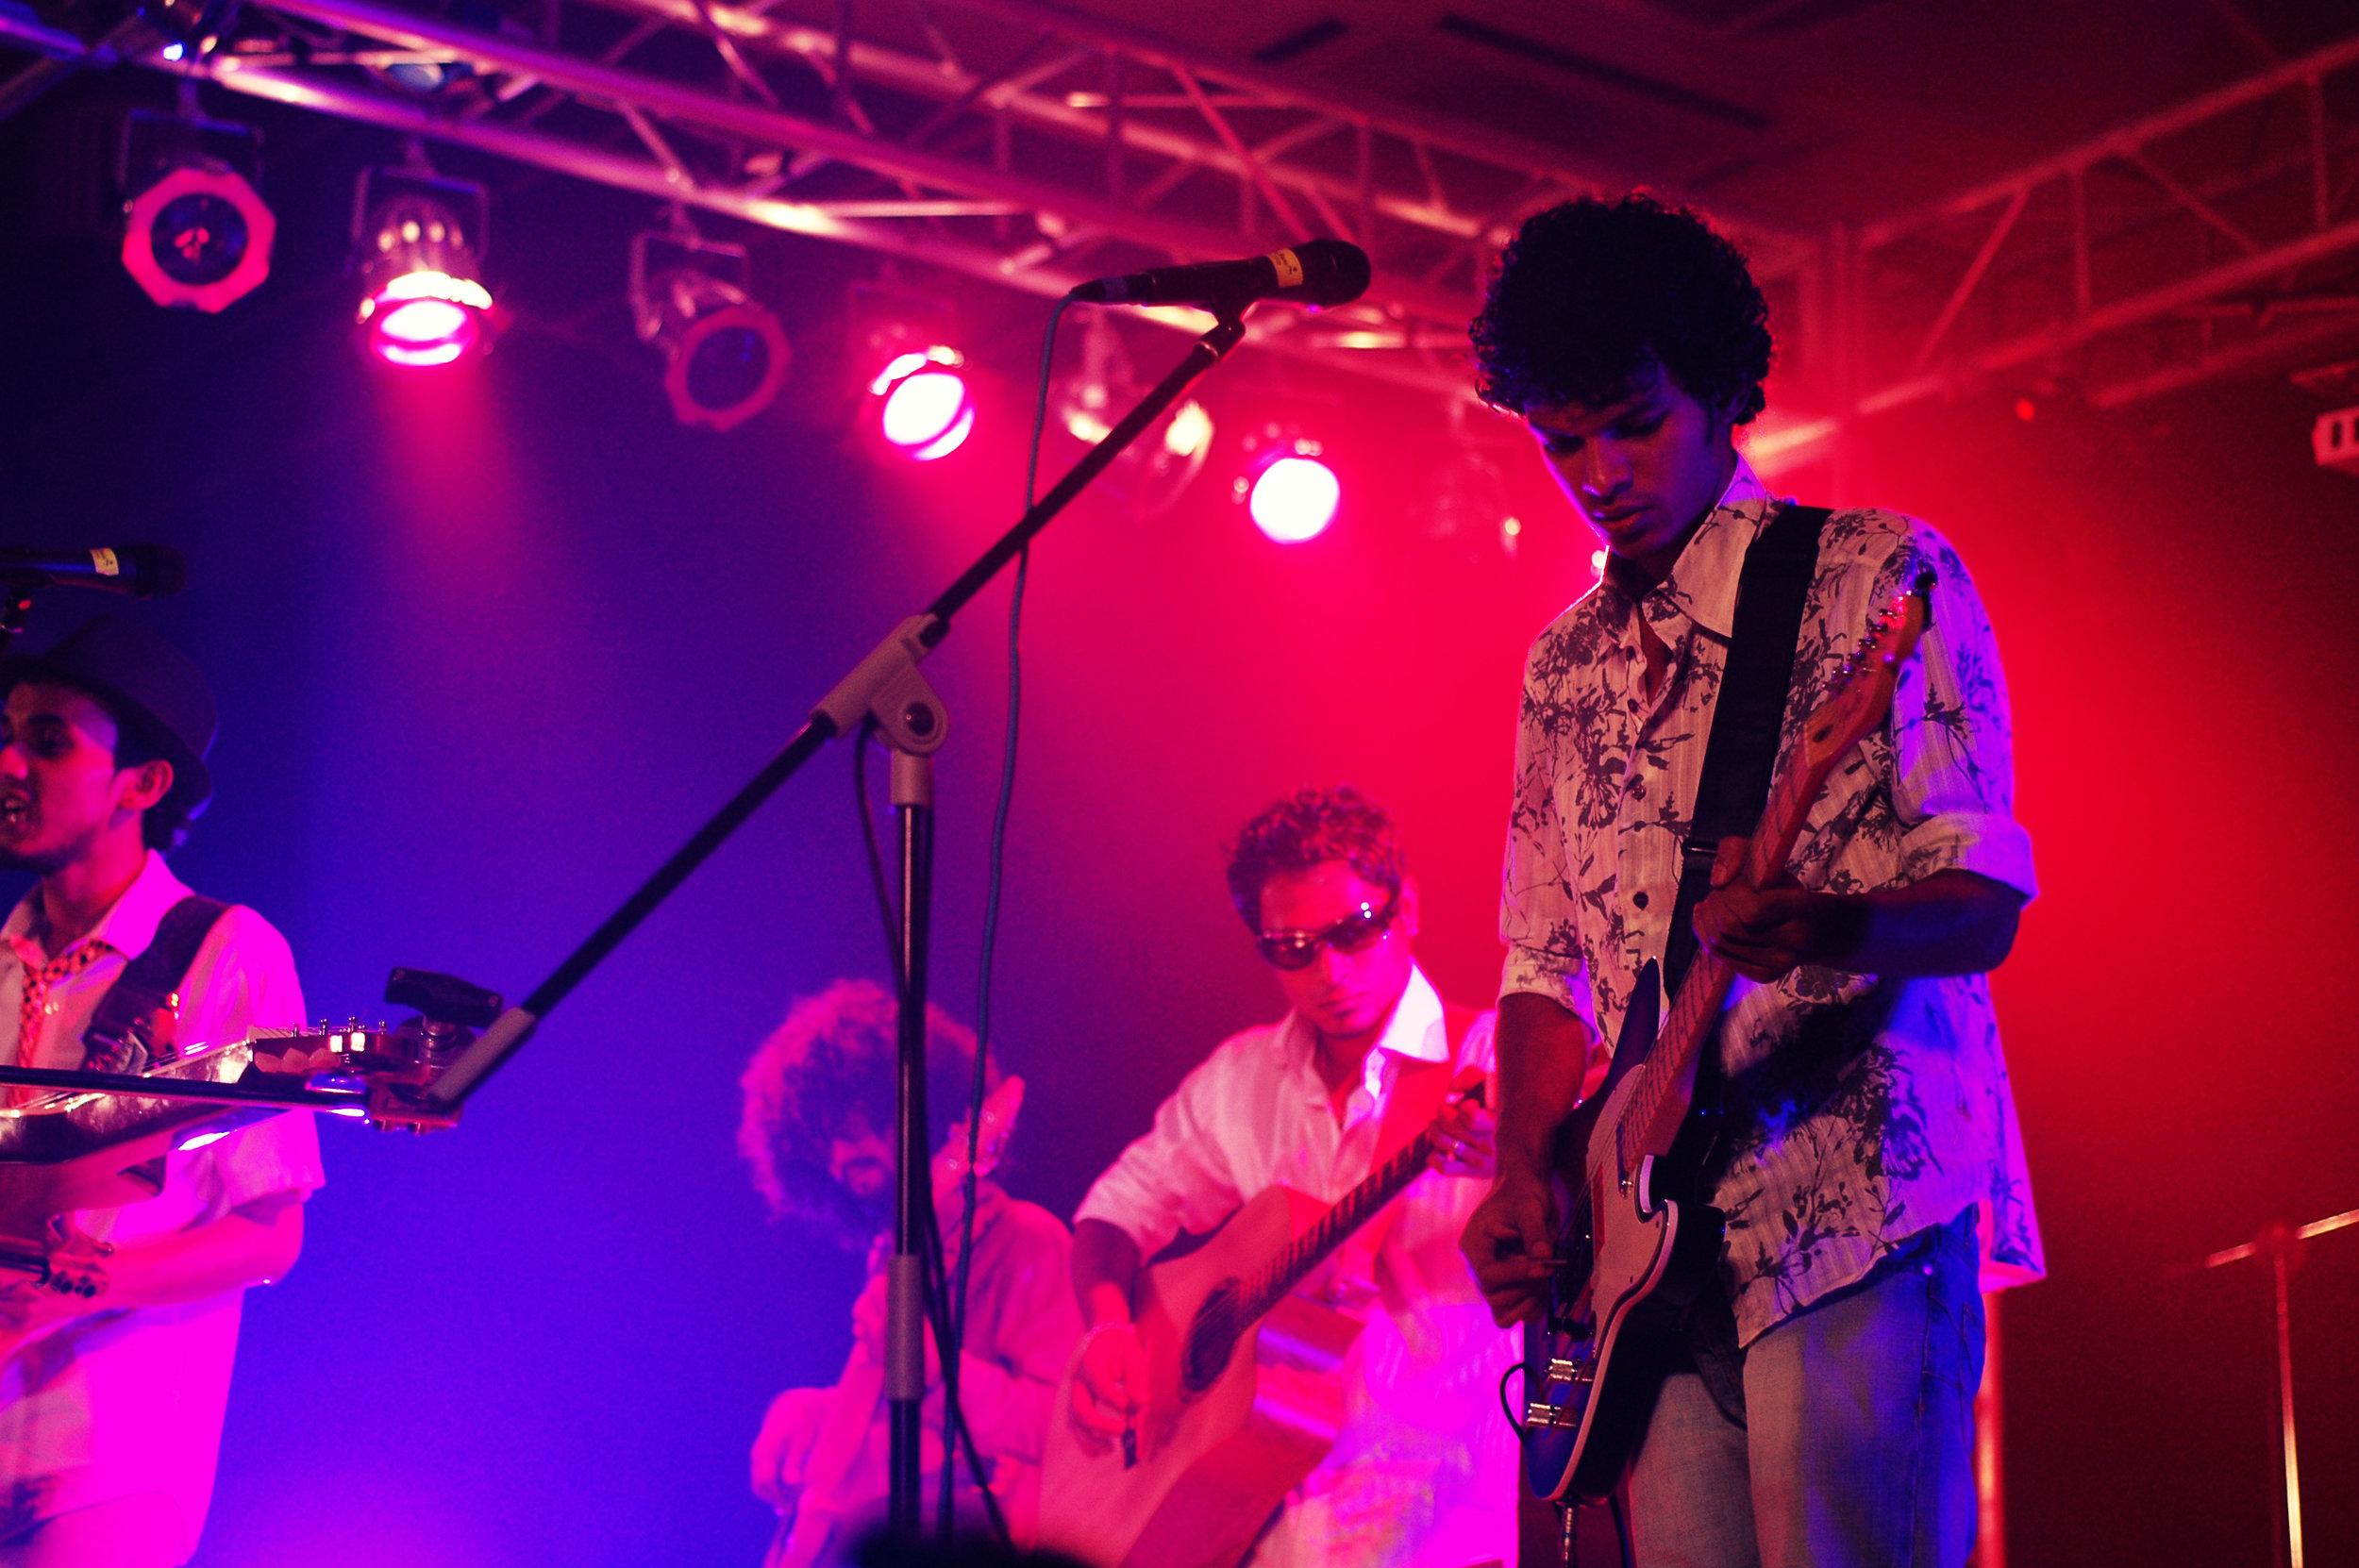 2009-08-19 - Male' City - Dharubaaruge' - Eku Ekee Album Launch - D70s-8002.jpg